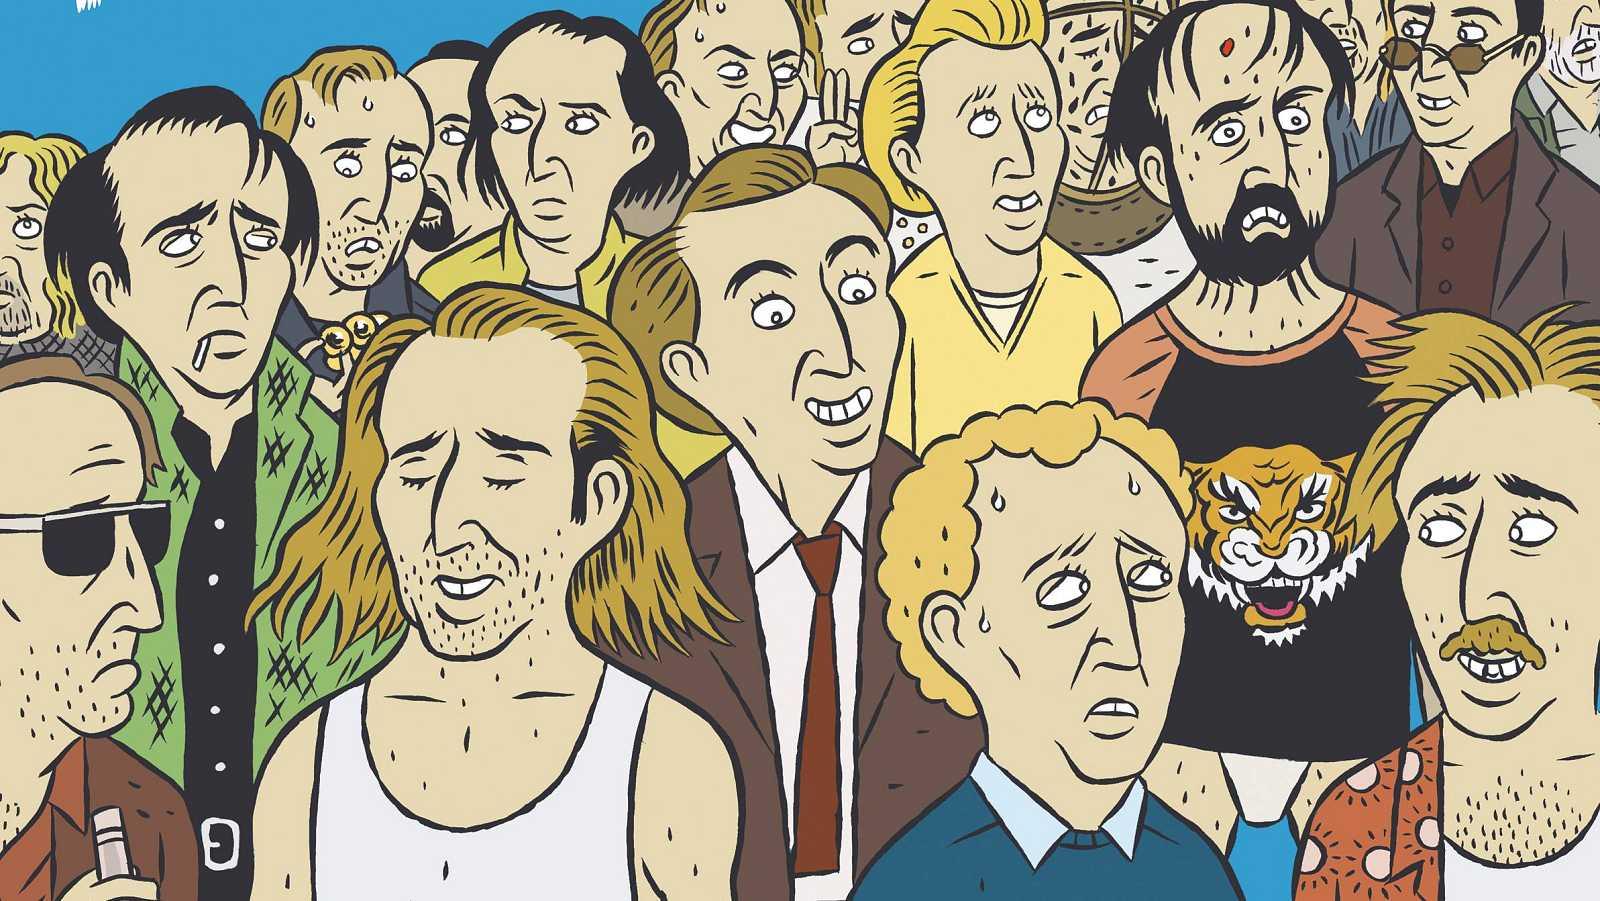 Viñetas y bocadillos - Torïo García & Paco Alcázar 'Las 100 primeras películas de Nicolas Cage' - 03/05/21 - Escuchar ahora